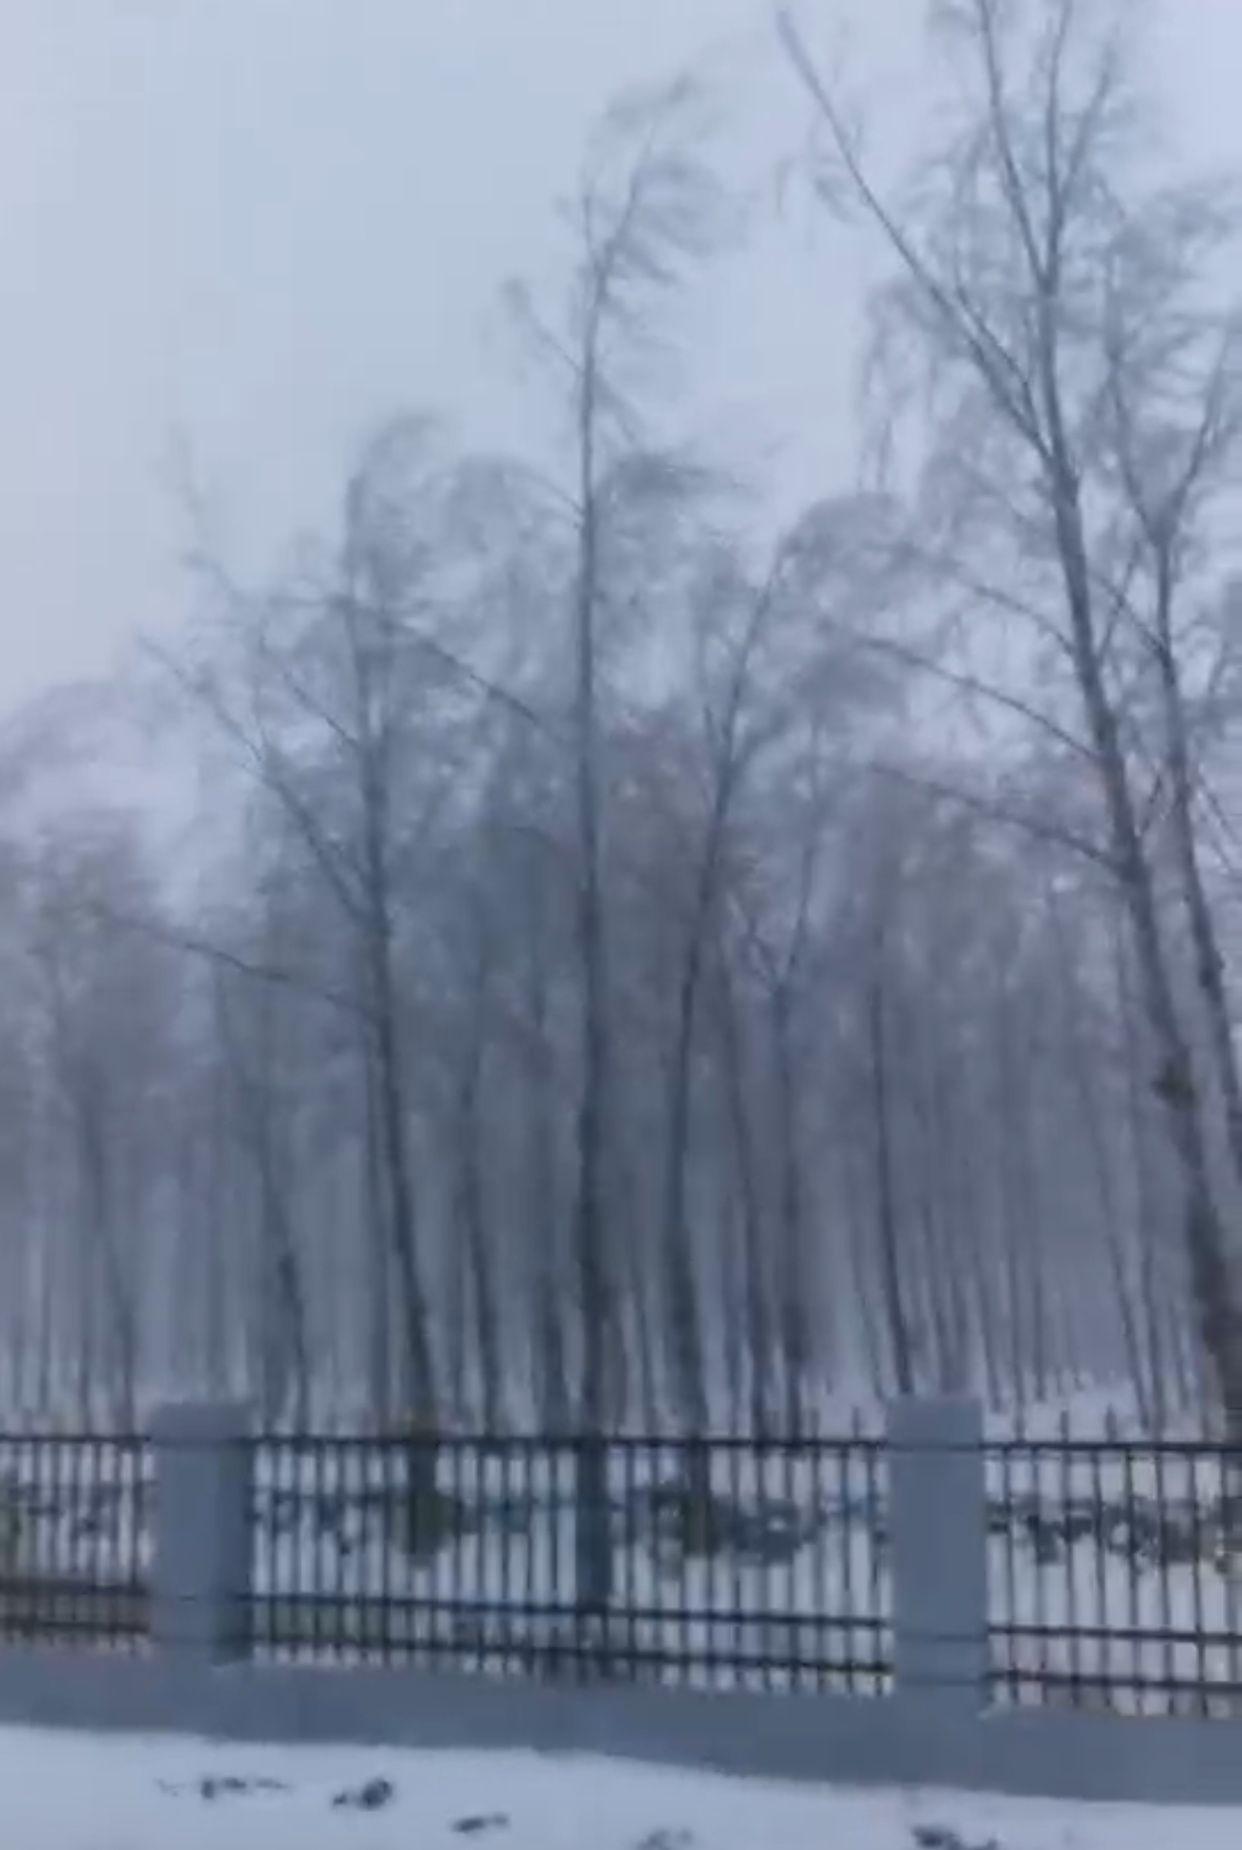 长春农安县迎入冬第一场雪 养殖户:需关注降温引起流行病的可能